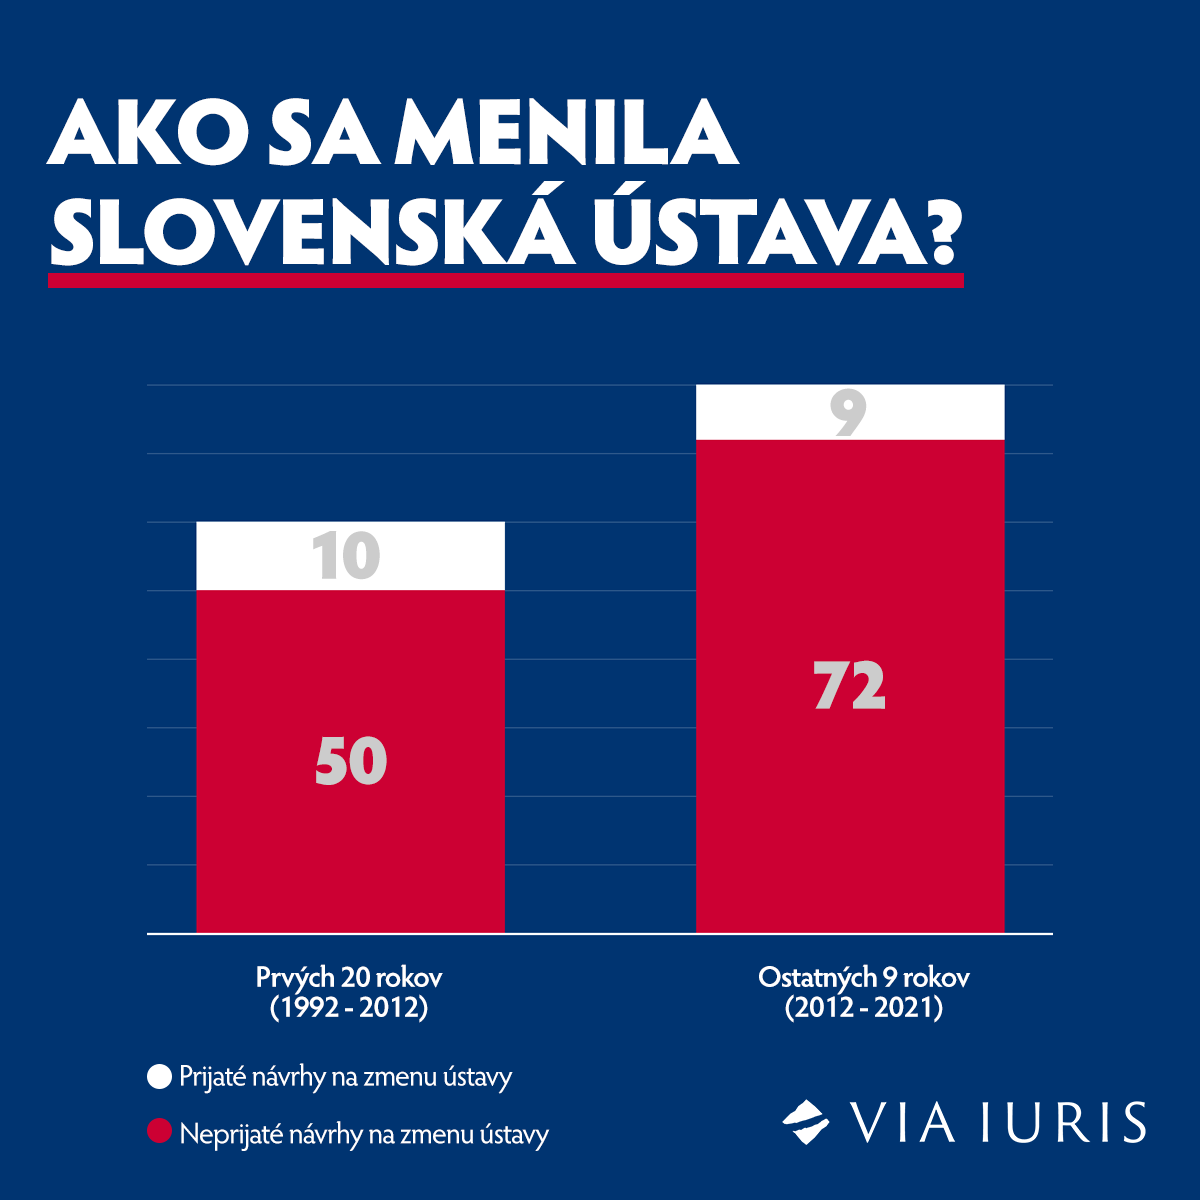 Ako sa menila slovenská ústava?